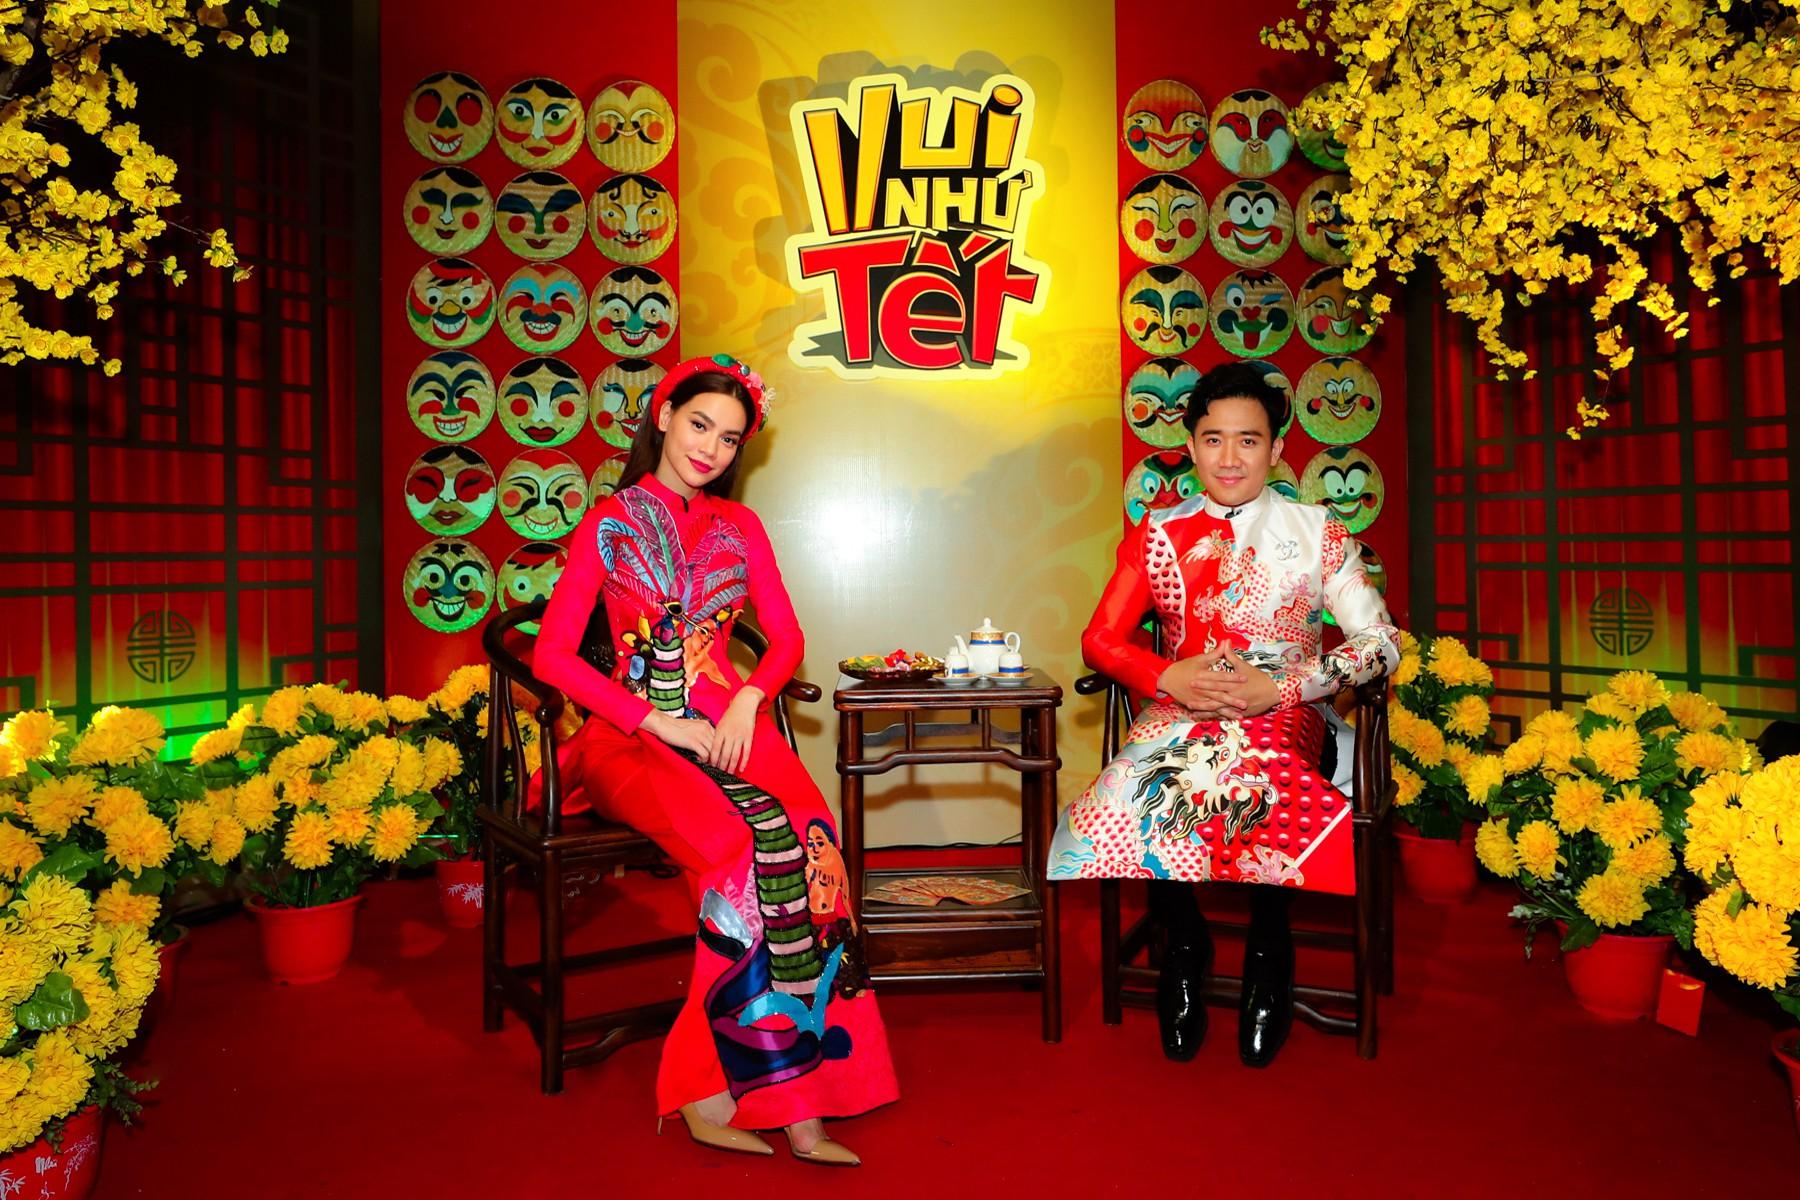 Hồ Ngọc Hà lần đầu trình diễn ca khúc mới, cùng dàn sao Việt đình đám hội ngộ trong chương trình nhạc Xuân 2019 - Ảnh 2.